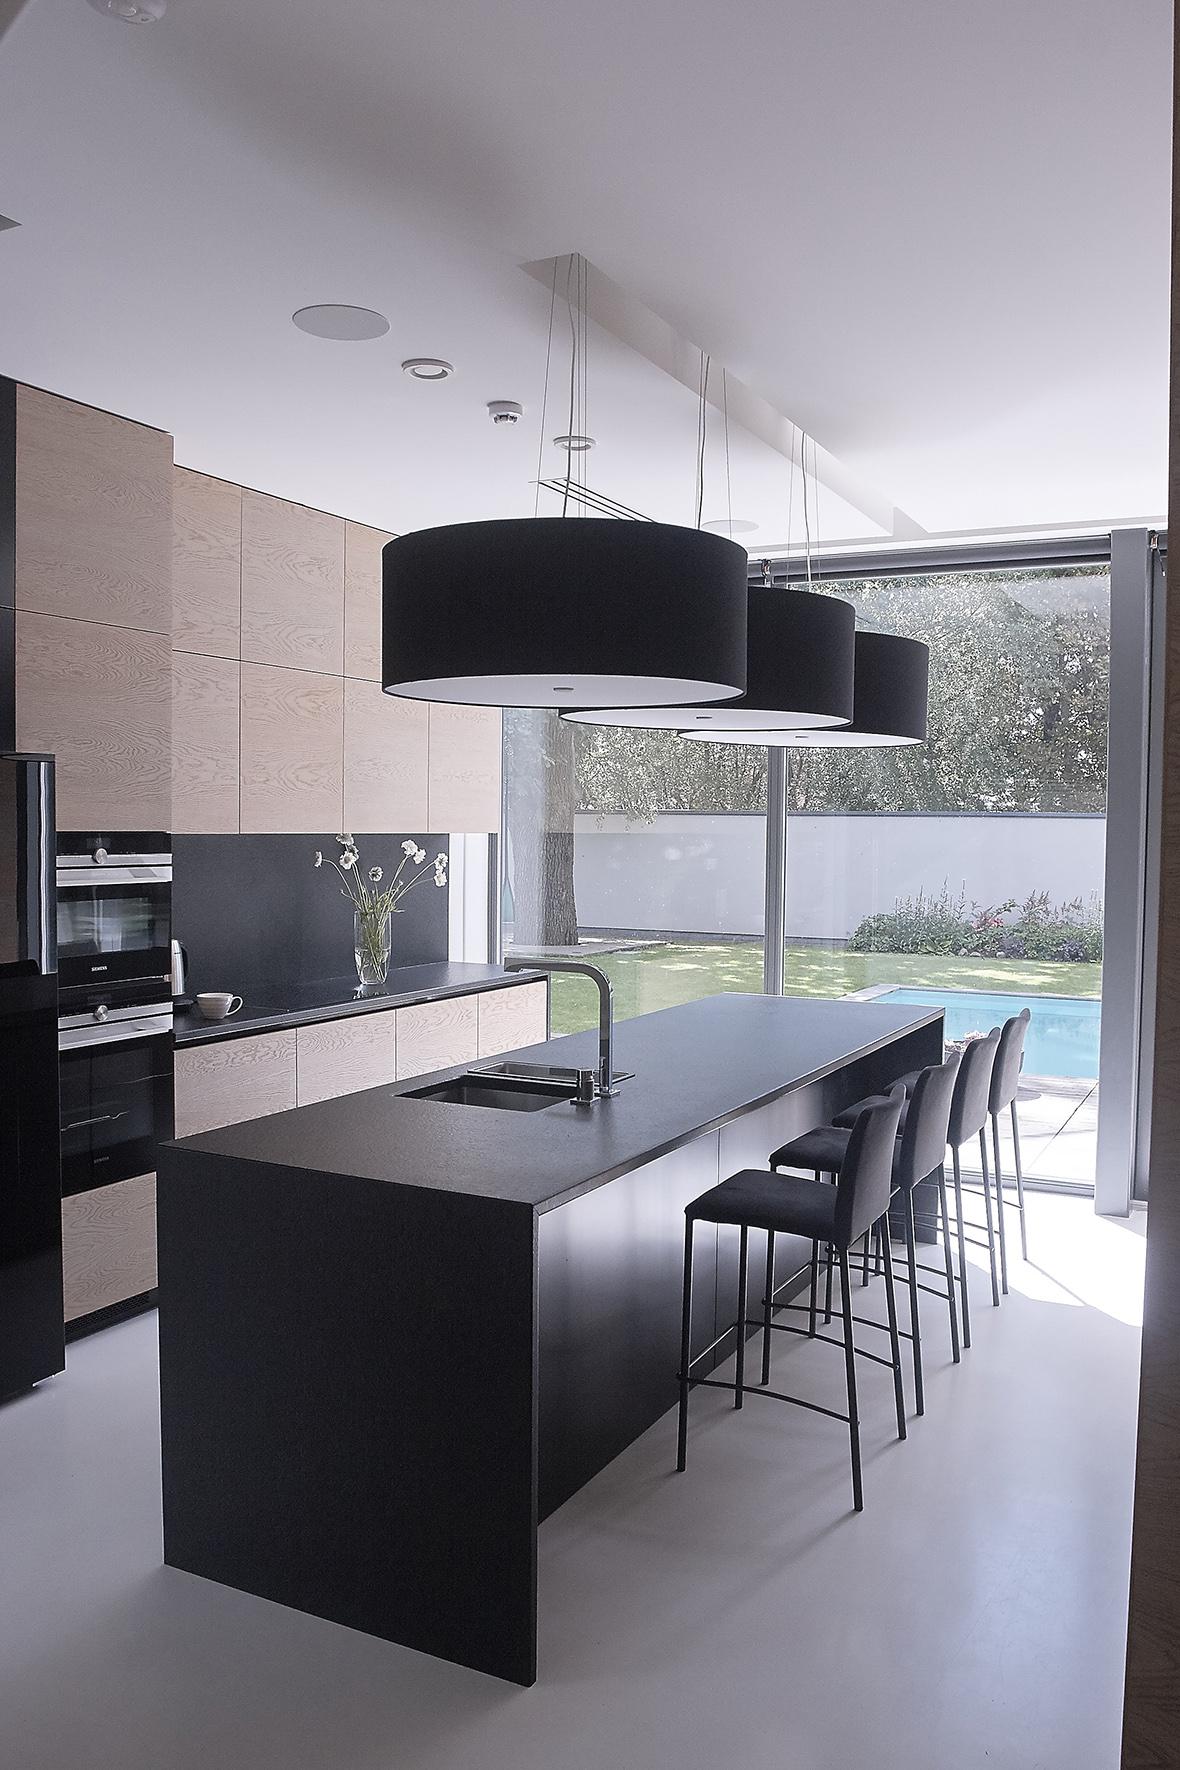 Interjero fotografavimas - virtuvės erdvė